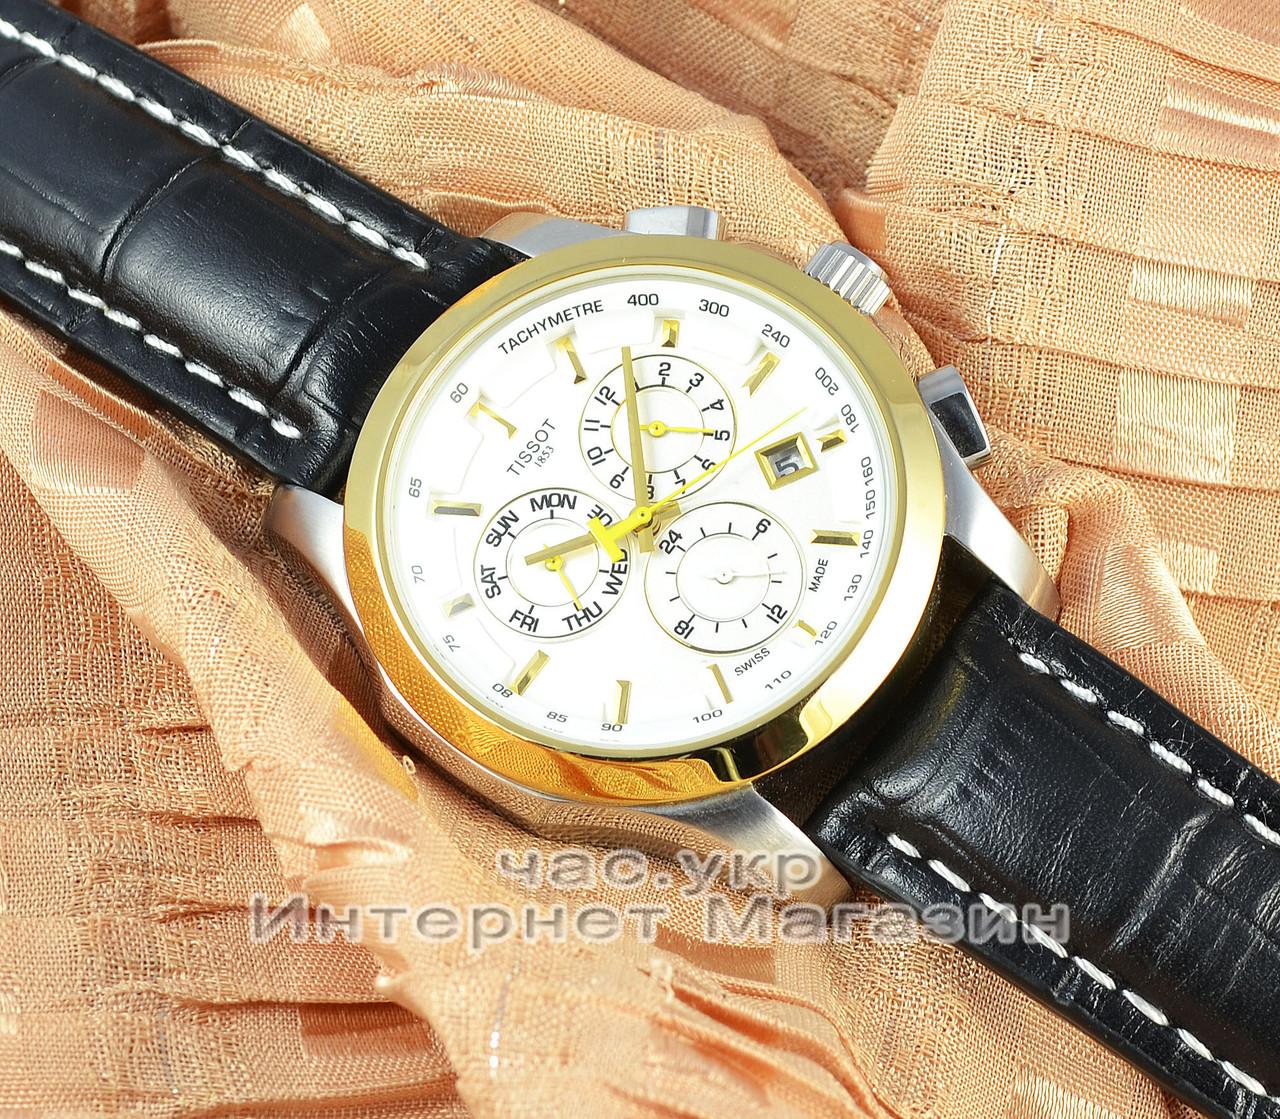 Часы Tissot механические с автоподзаводом